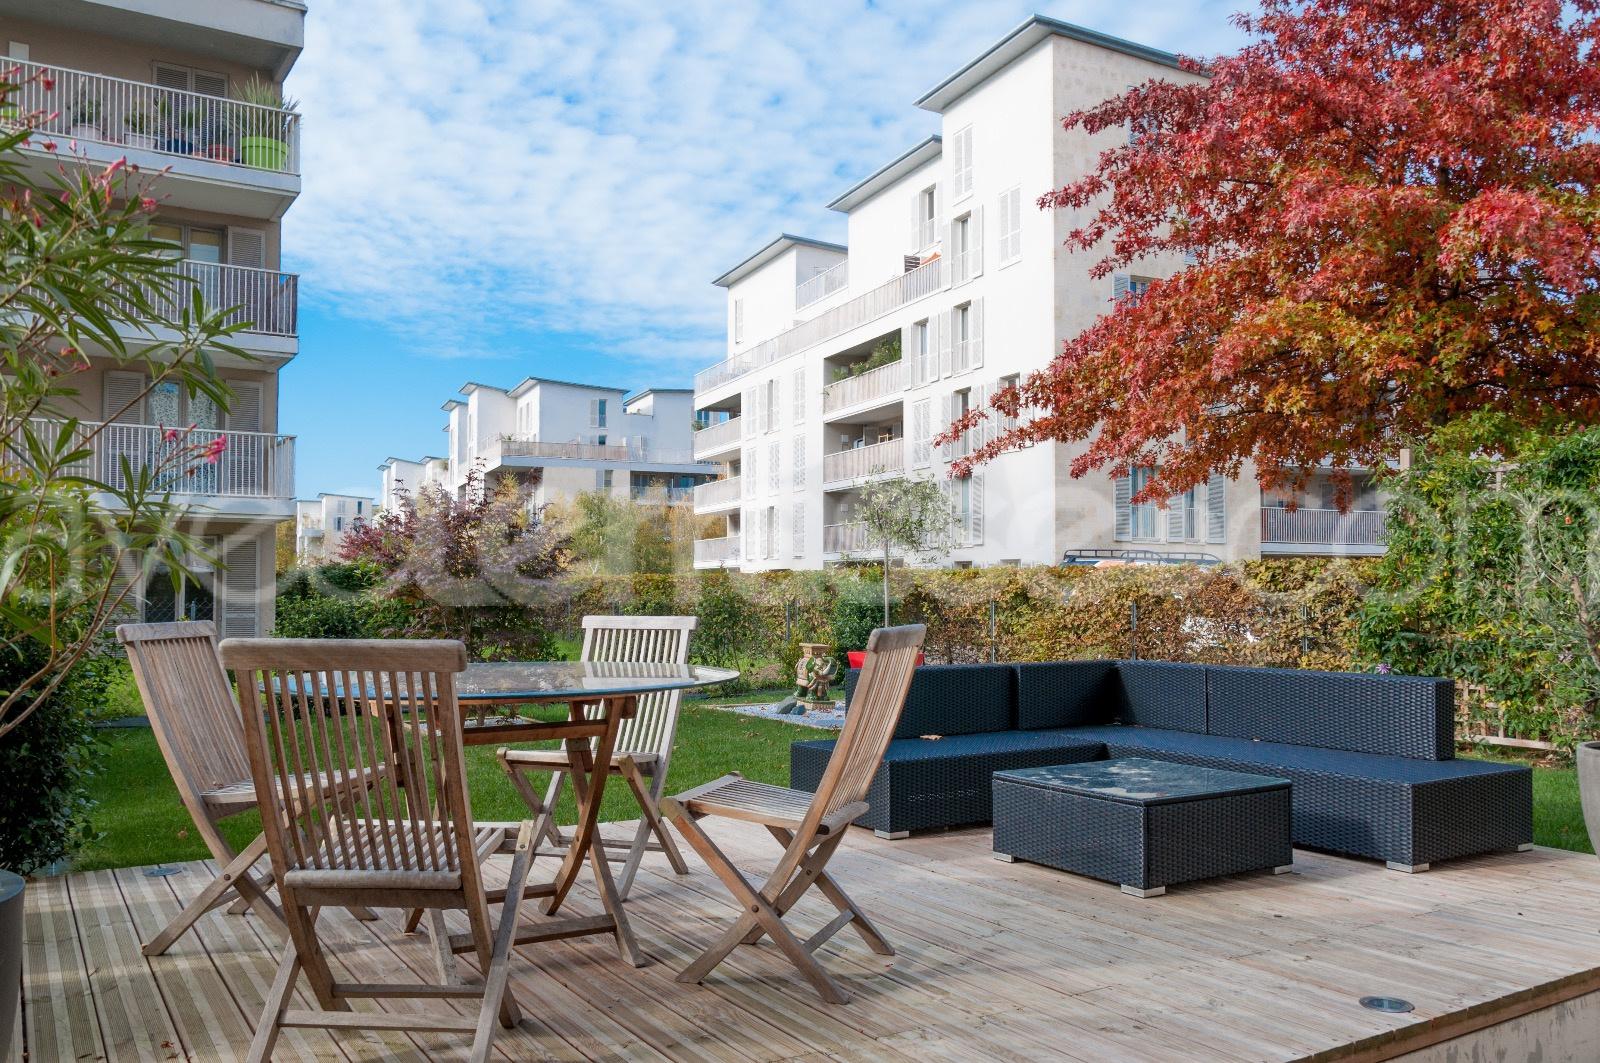 Vente bordeaux bacalan vente appartement t4 avec jardin for Appartement in bordeaux